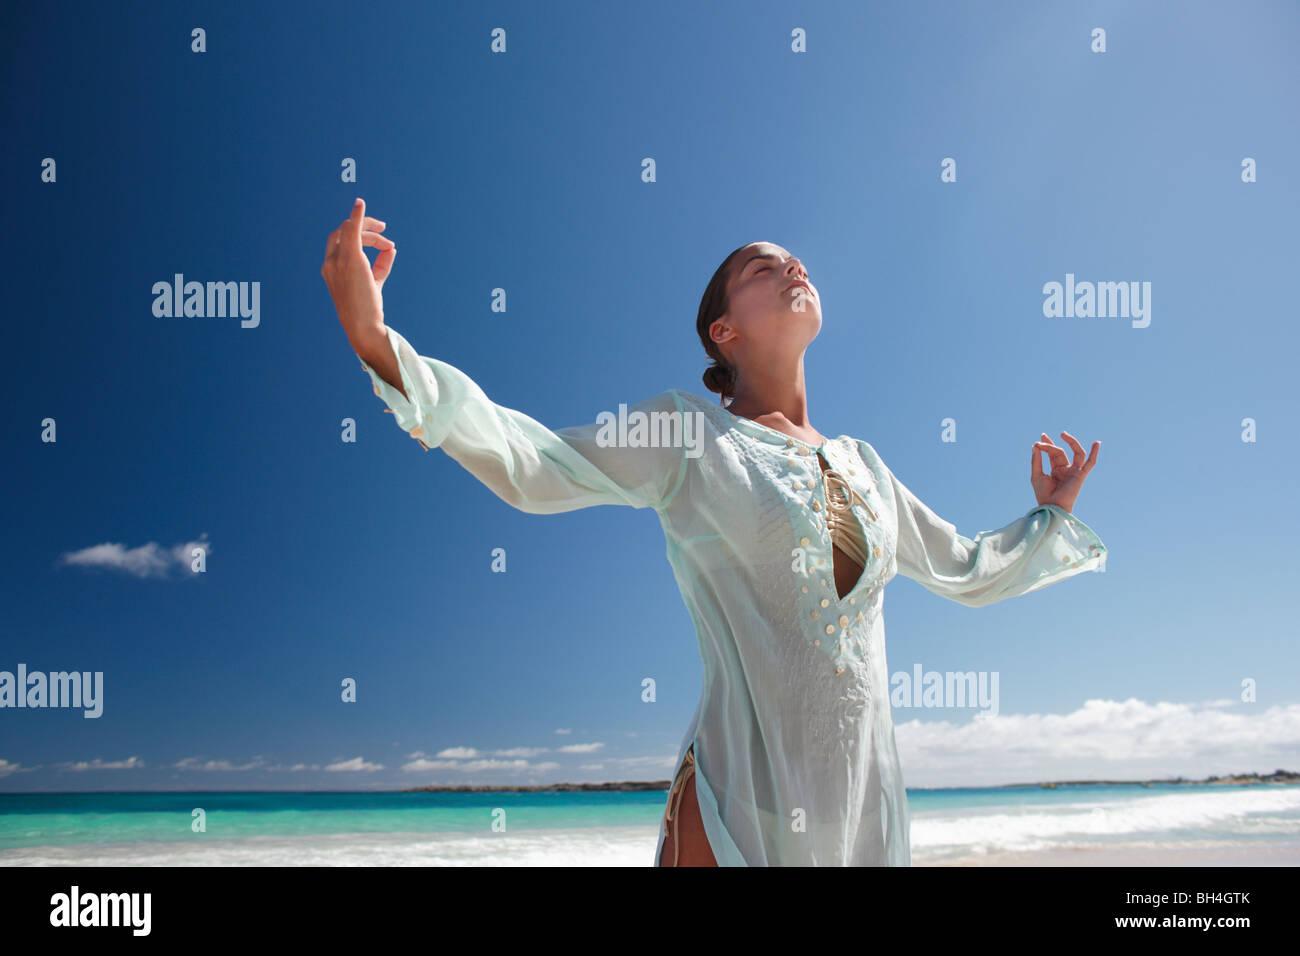 Eine junge Frau praktizieren Tai Chi auf einem einsamen tropischen Strand Stockbild